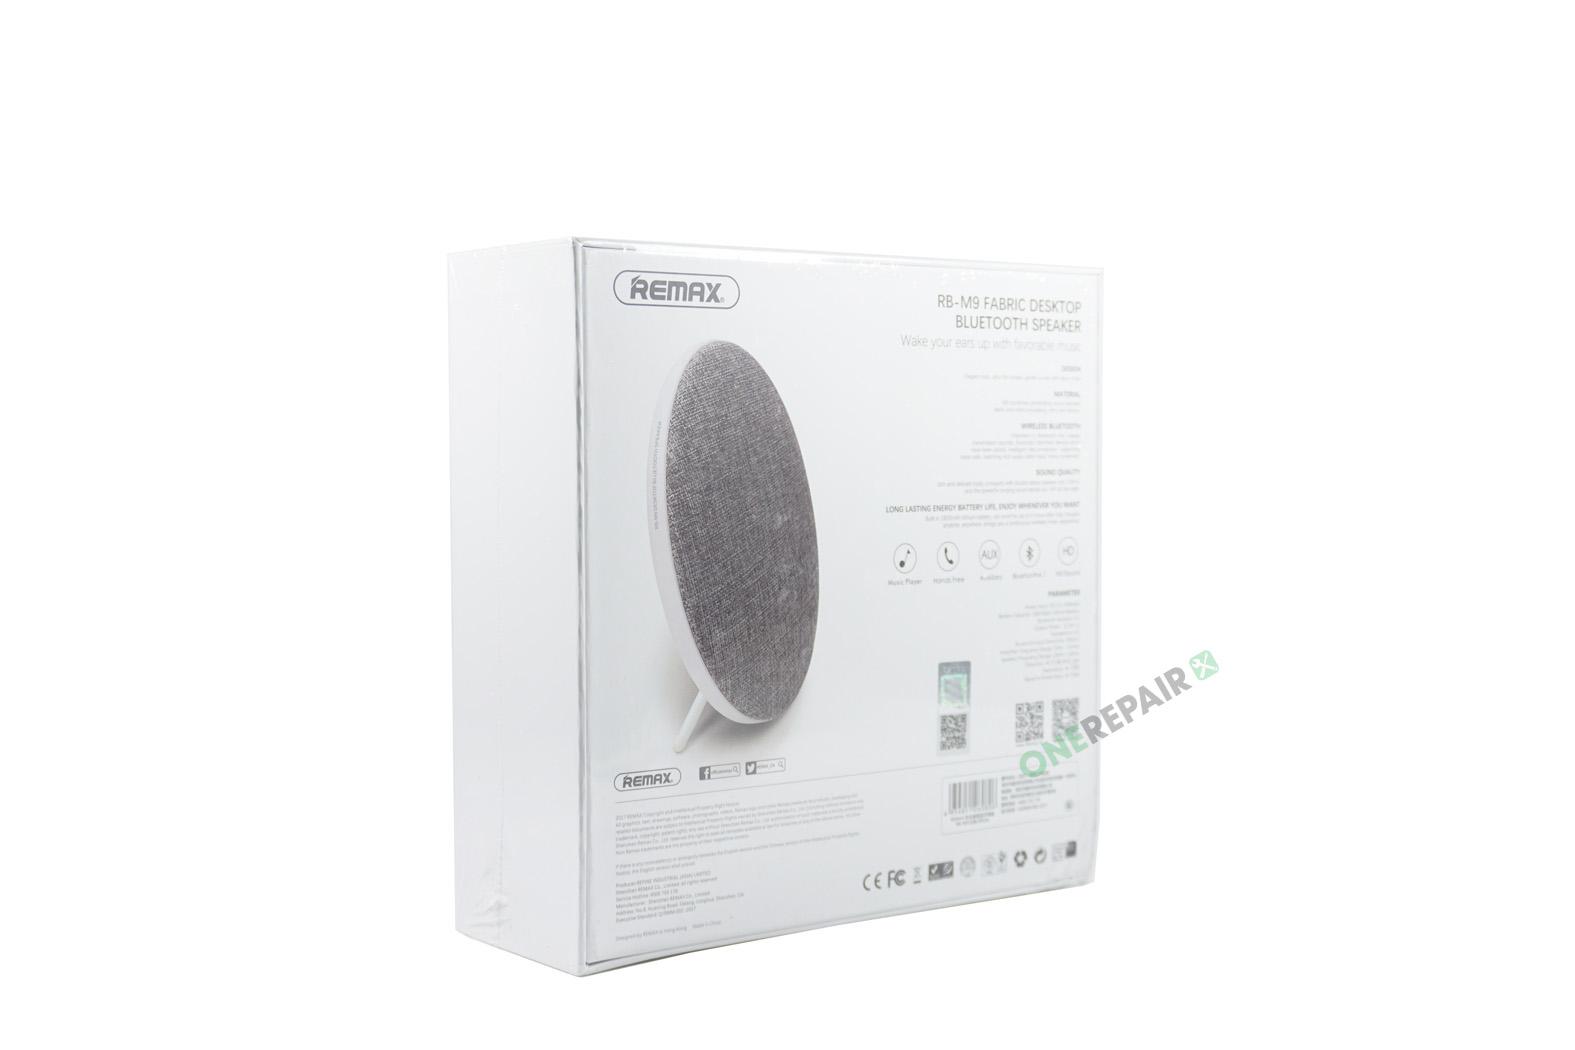 351746_Remax_M9_Hoejtaler_Bluetooth_Traadloes_Hvid_Onerepair_WM_00002